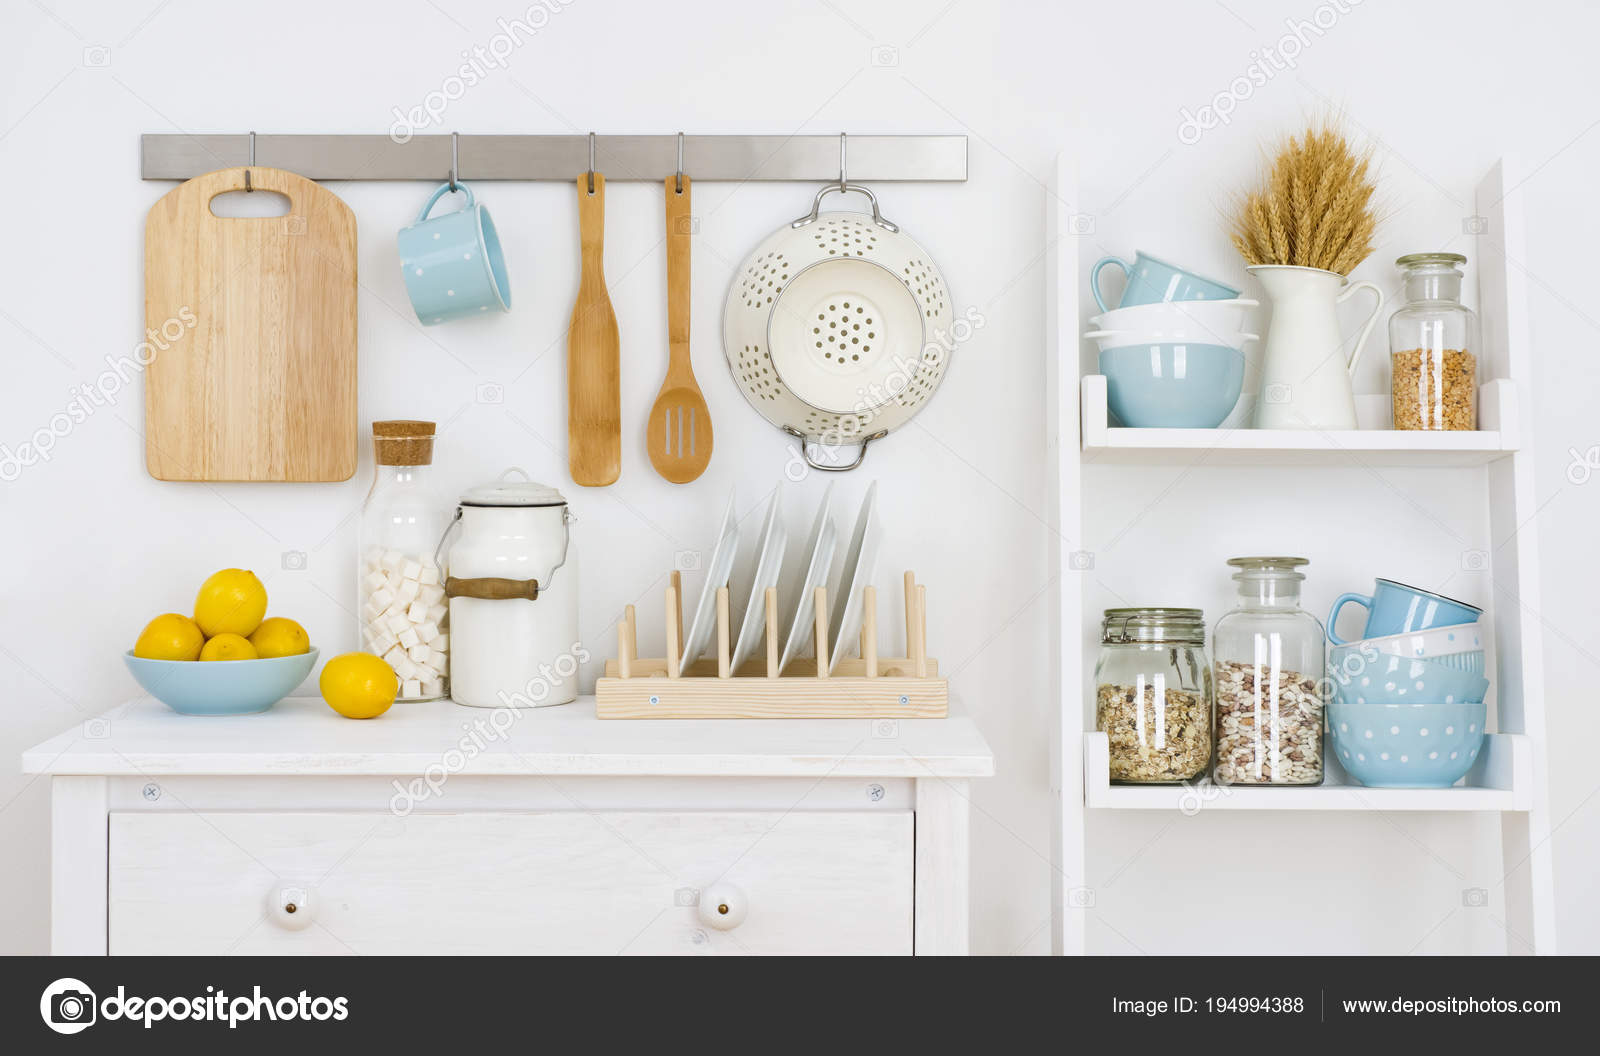 Küchenwand Verziert Innen Mit Schrank Und Regal Mit Utensilien ...